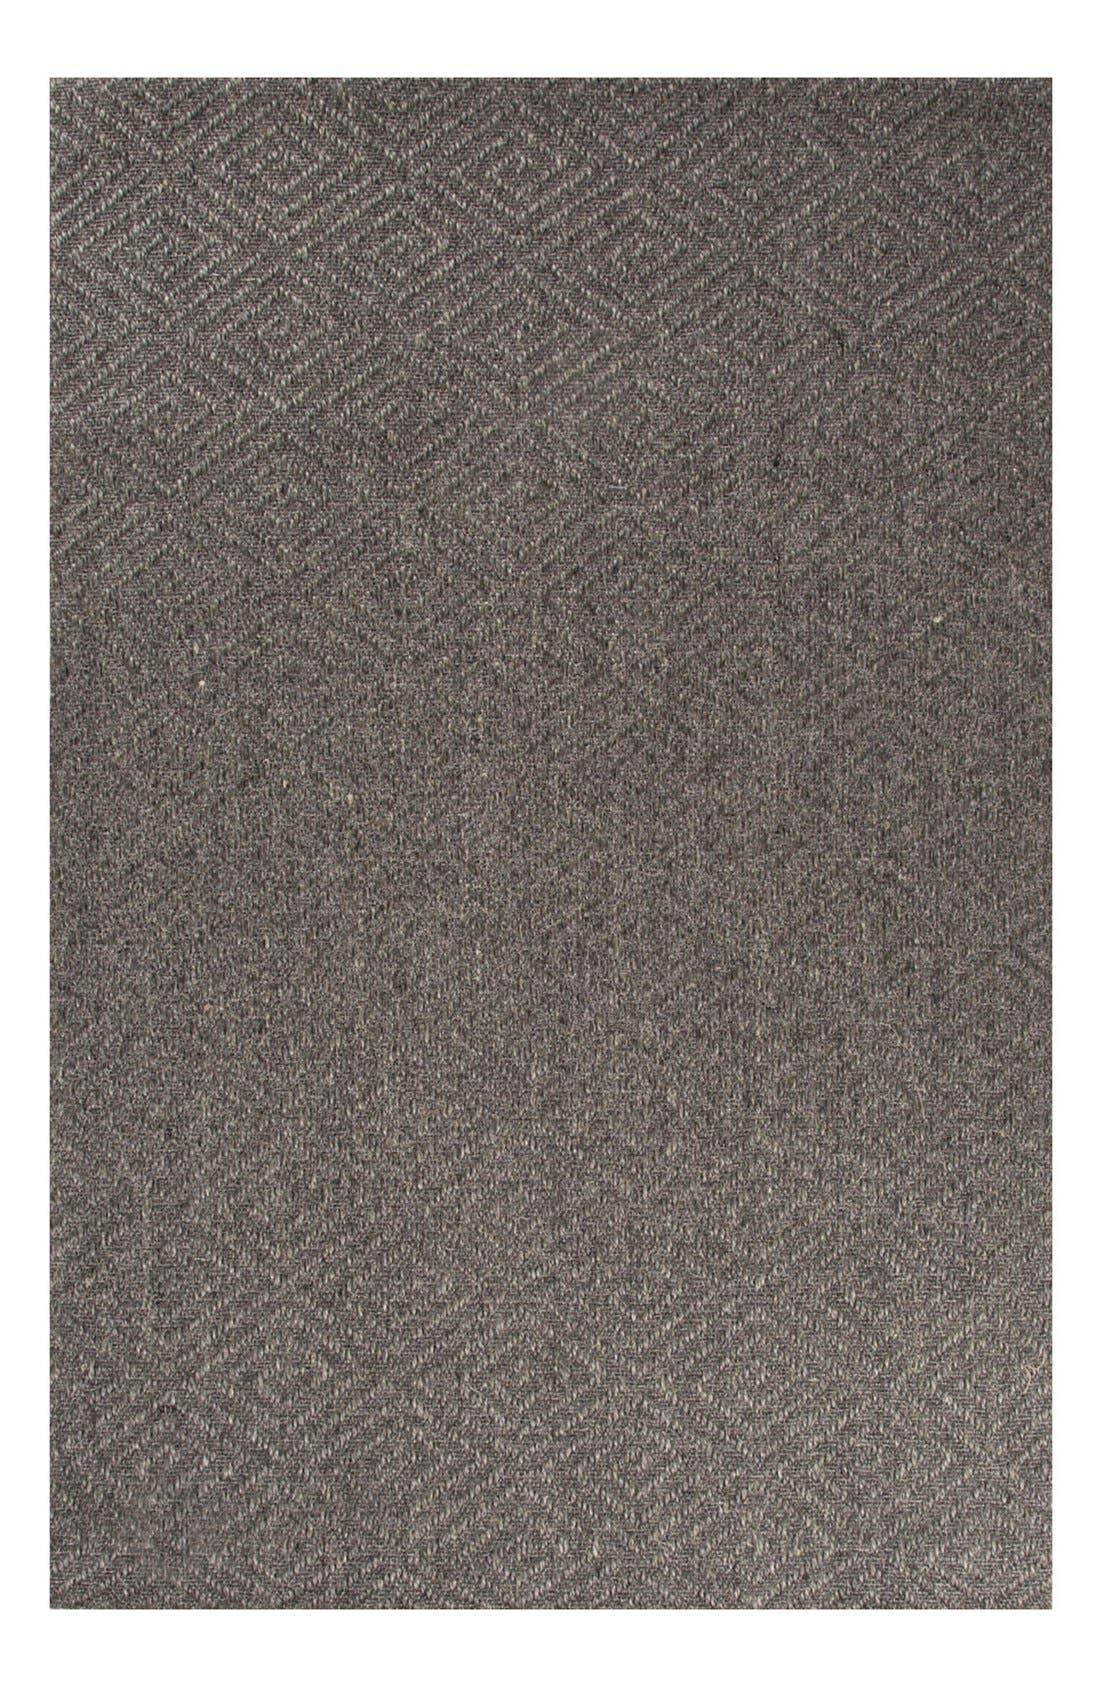 'Tobago Naturals' Hand Woven Rug,                         Main,                         color, Dark Grey